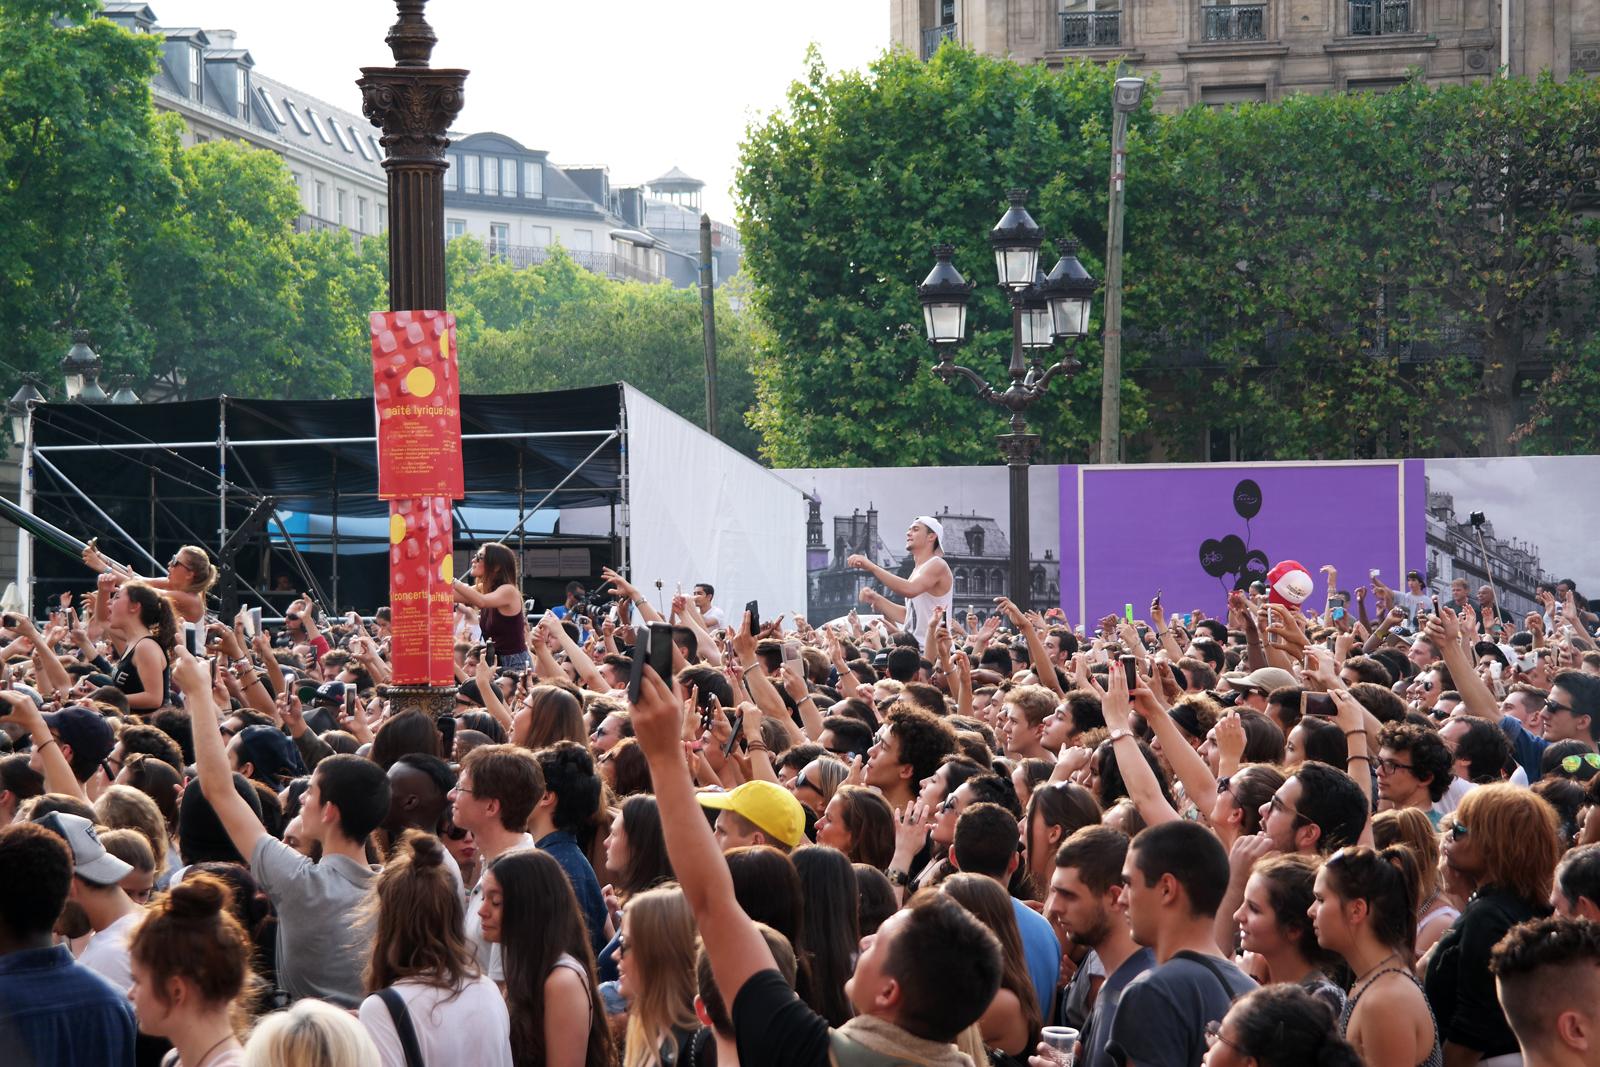 Public-Nekfeu-Ken-Samaras-rappeur-concert-fnaclive-2015-festival-live-tournée-feu-album-tour-stage-photo-scène-by-united-states-of-paris-blog